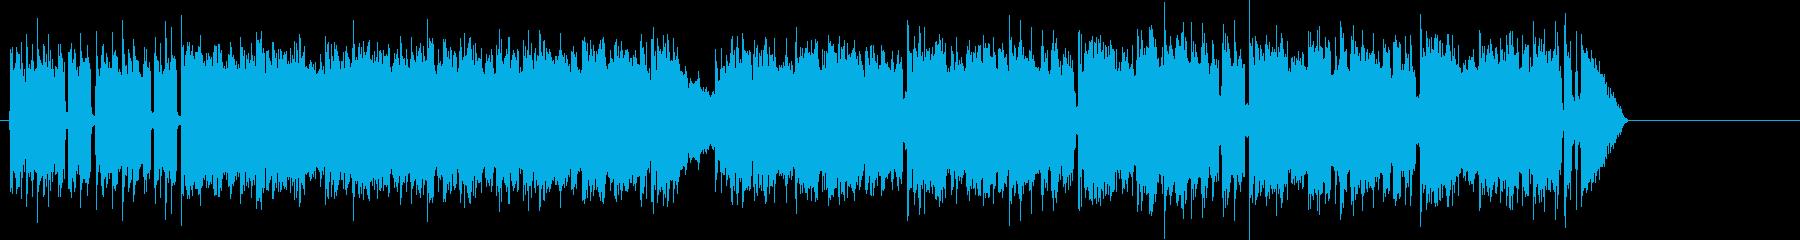 夏のサーフ・ミュージック風ポップ/ロックの再生済みの波形